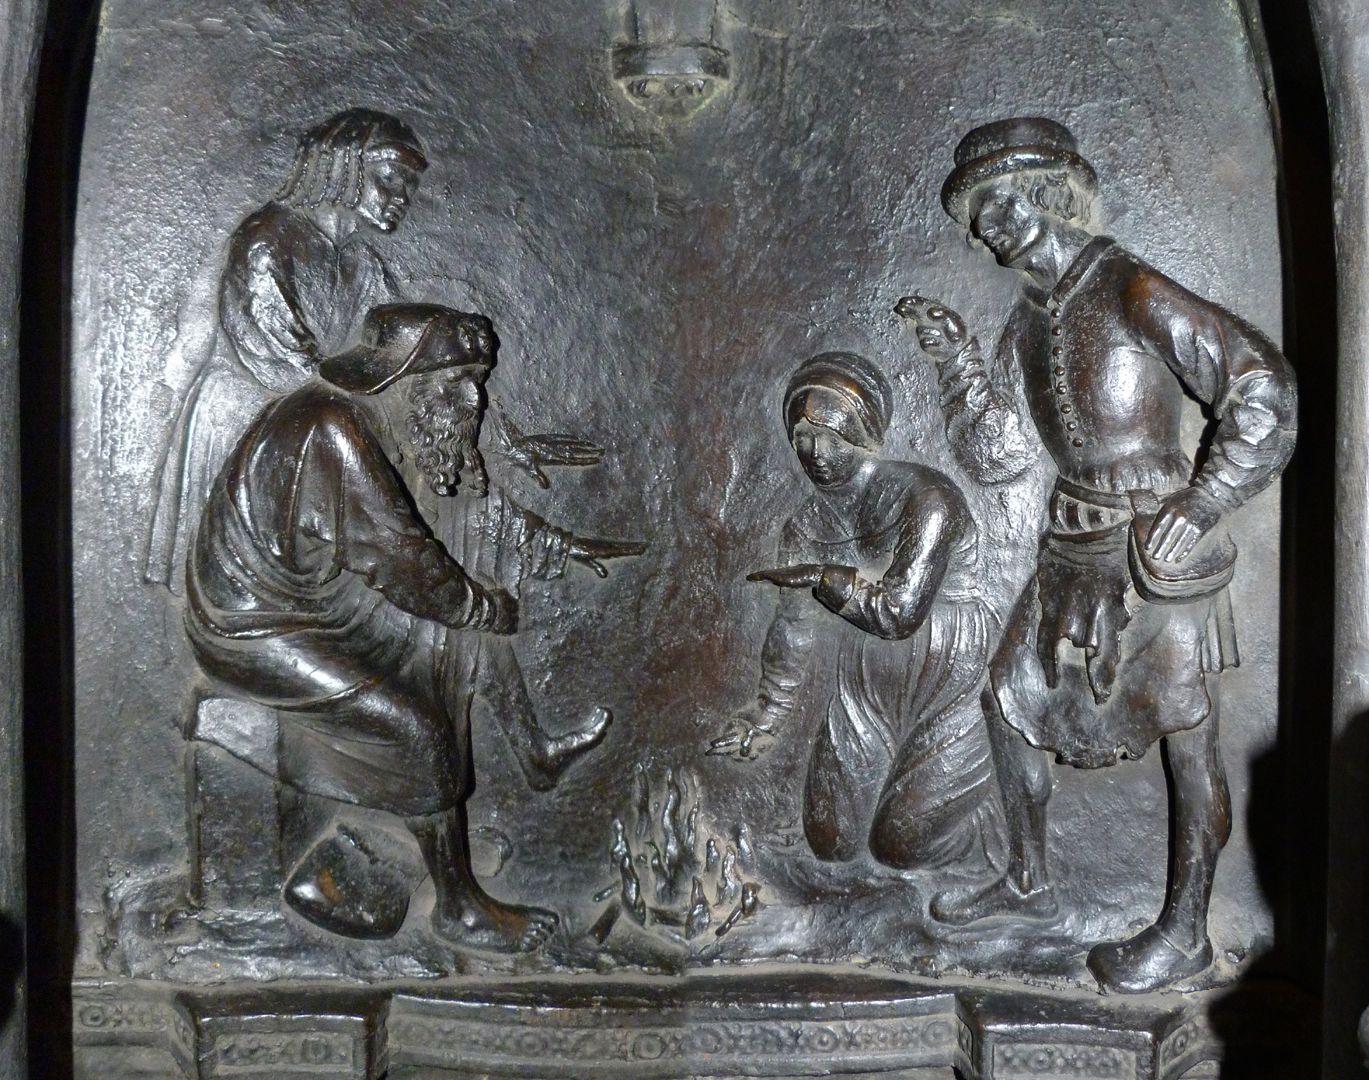 Sebaldusgrab (Nordseite) Sebalduslegende, Relief des Eiszapfenwunders (zwei zusammengesetzte Fotos)